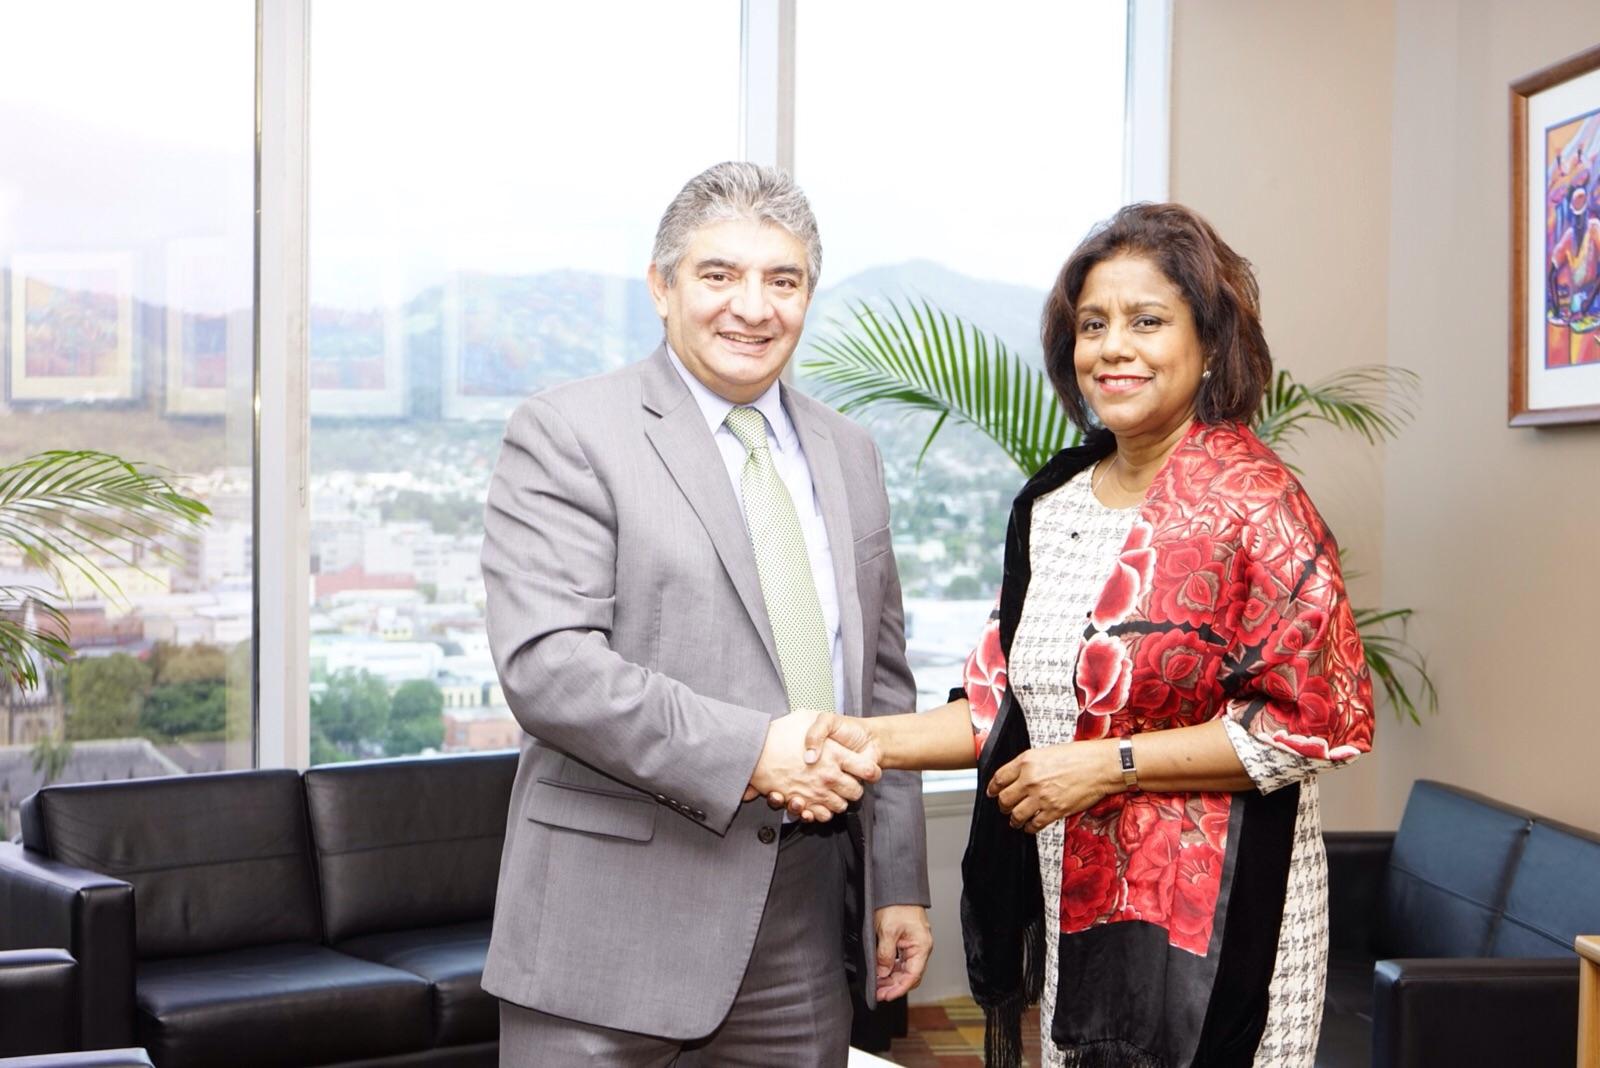 Embajador de Colombia se reunió con la Ministra de Comercio e Industria de Trinidad y Tobago en busca de fortalecer las relaciones comerciales